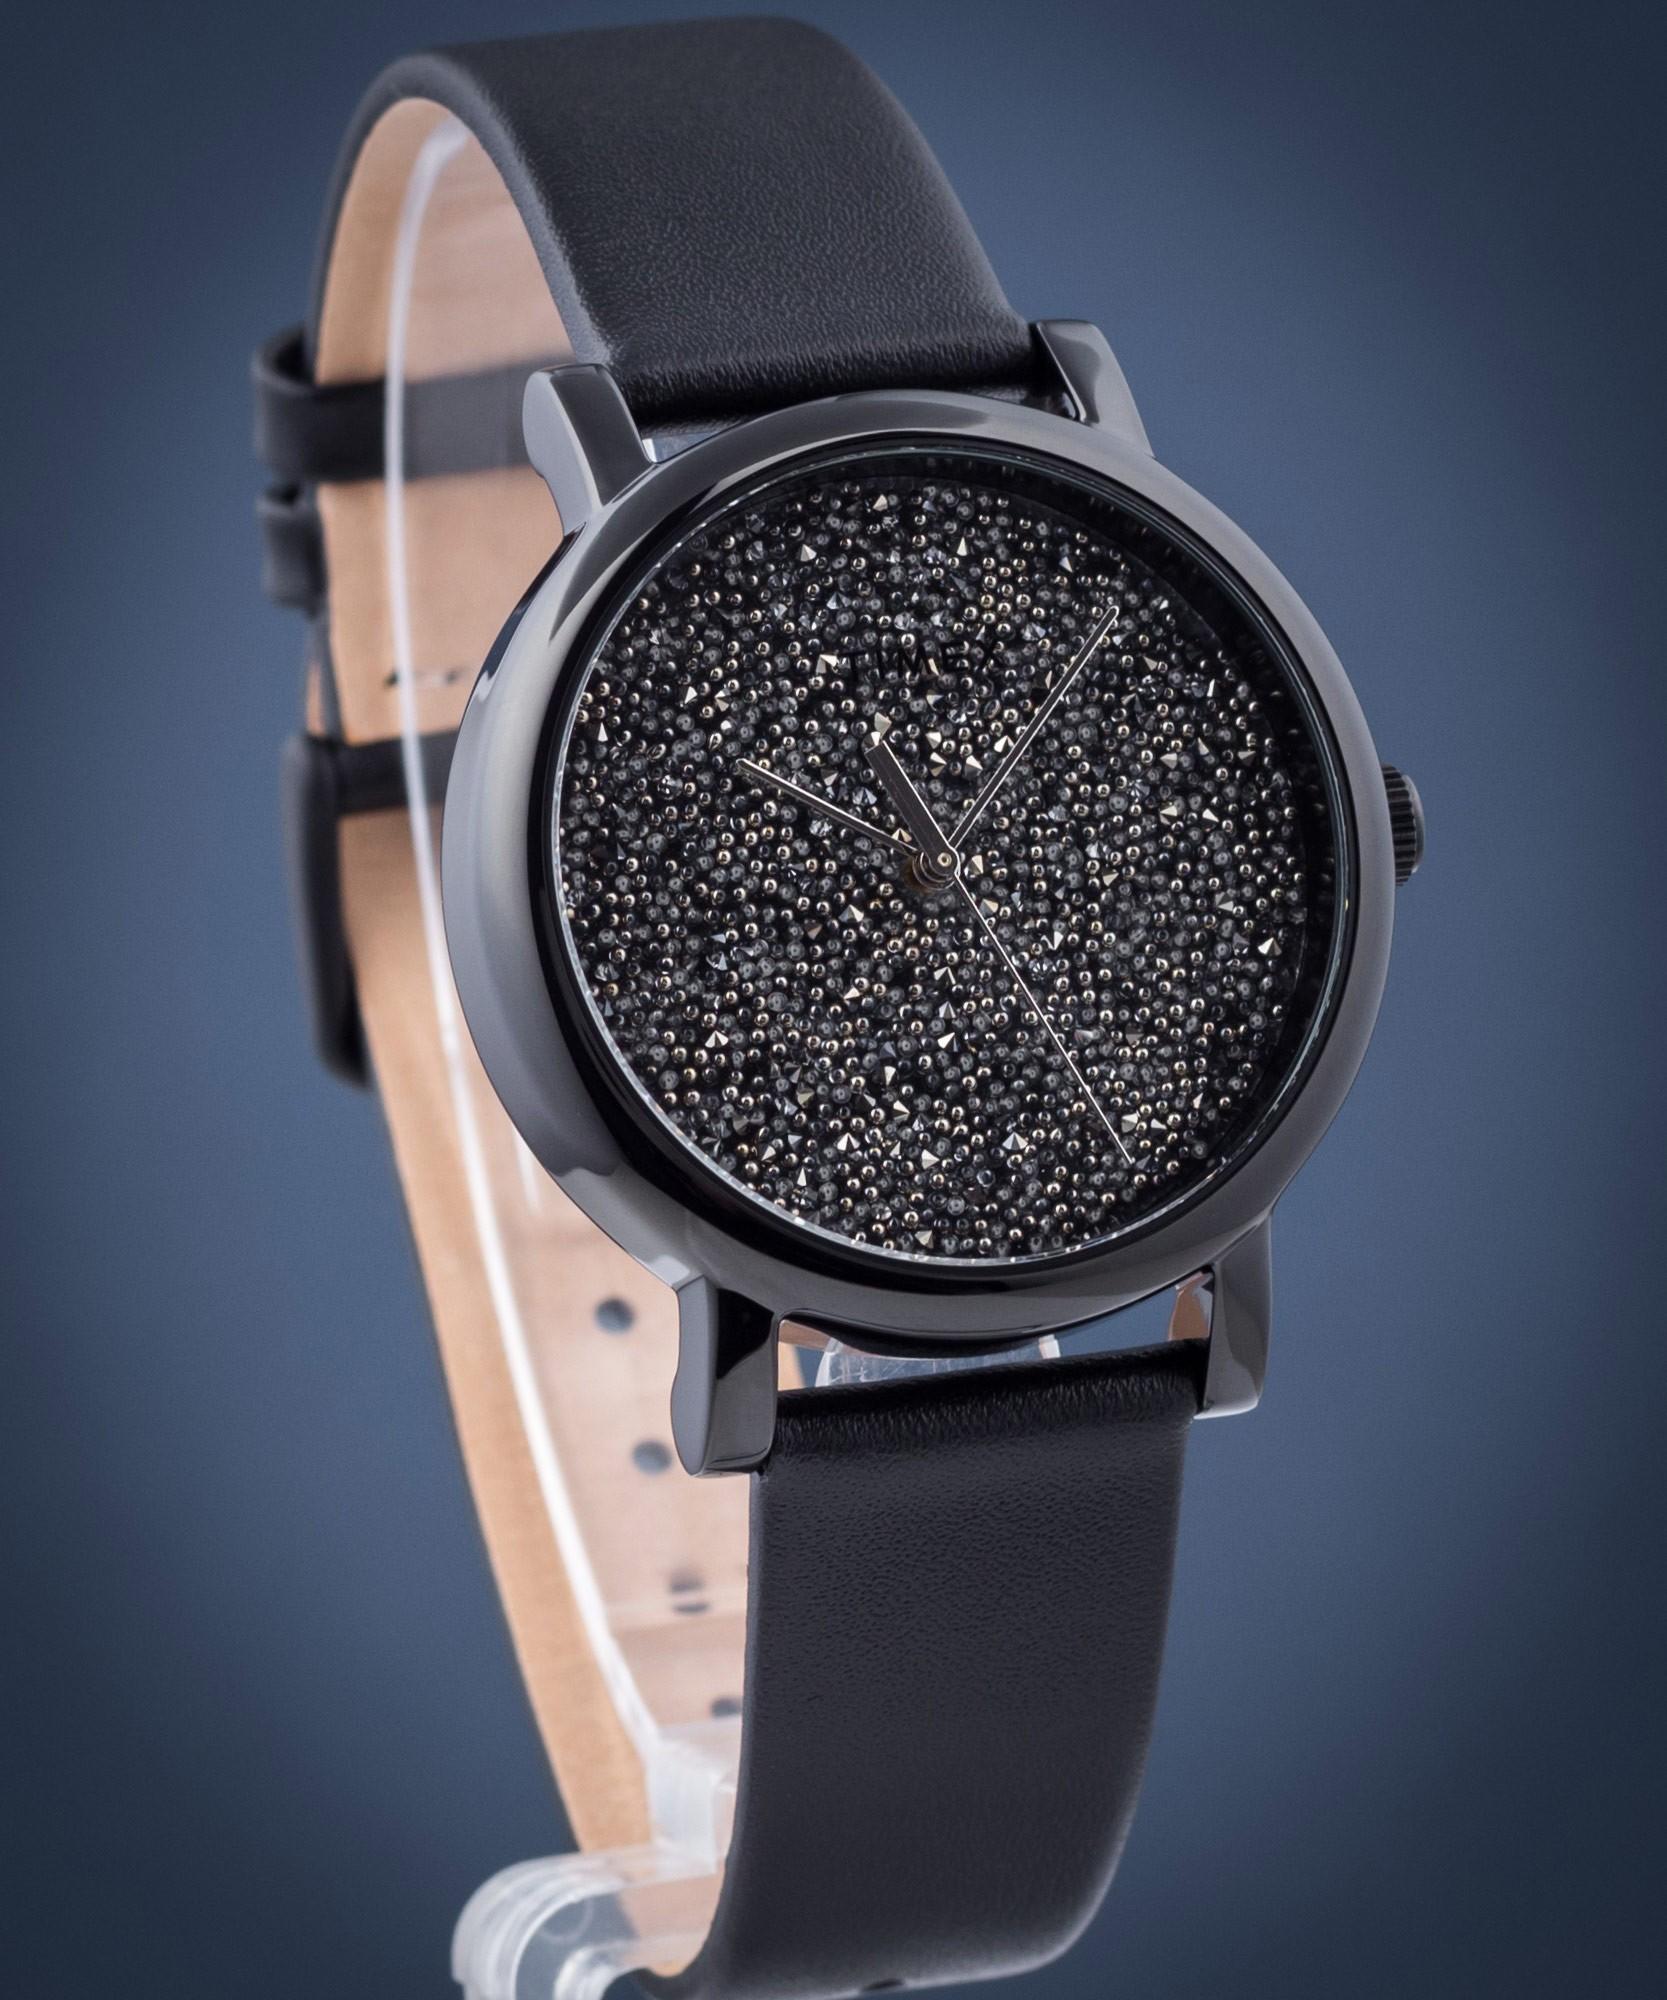 Damski zegarek Timex Crystal Opulence TW2R95100 @Zegarownia